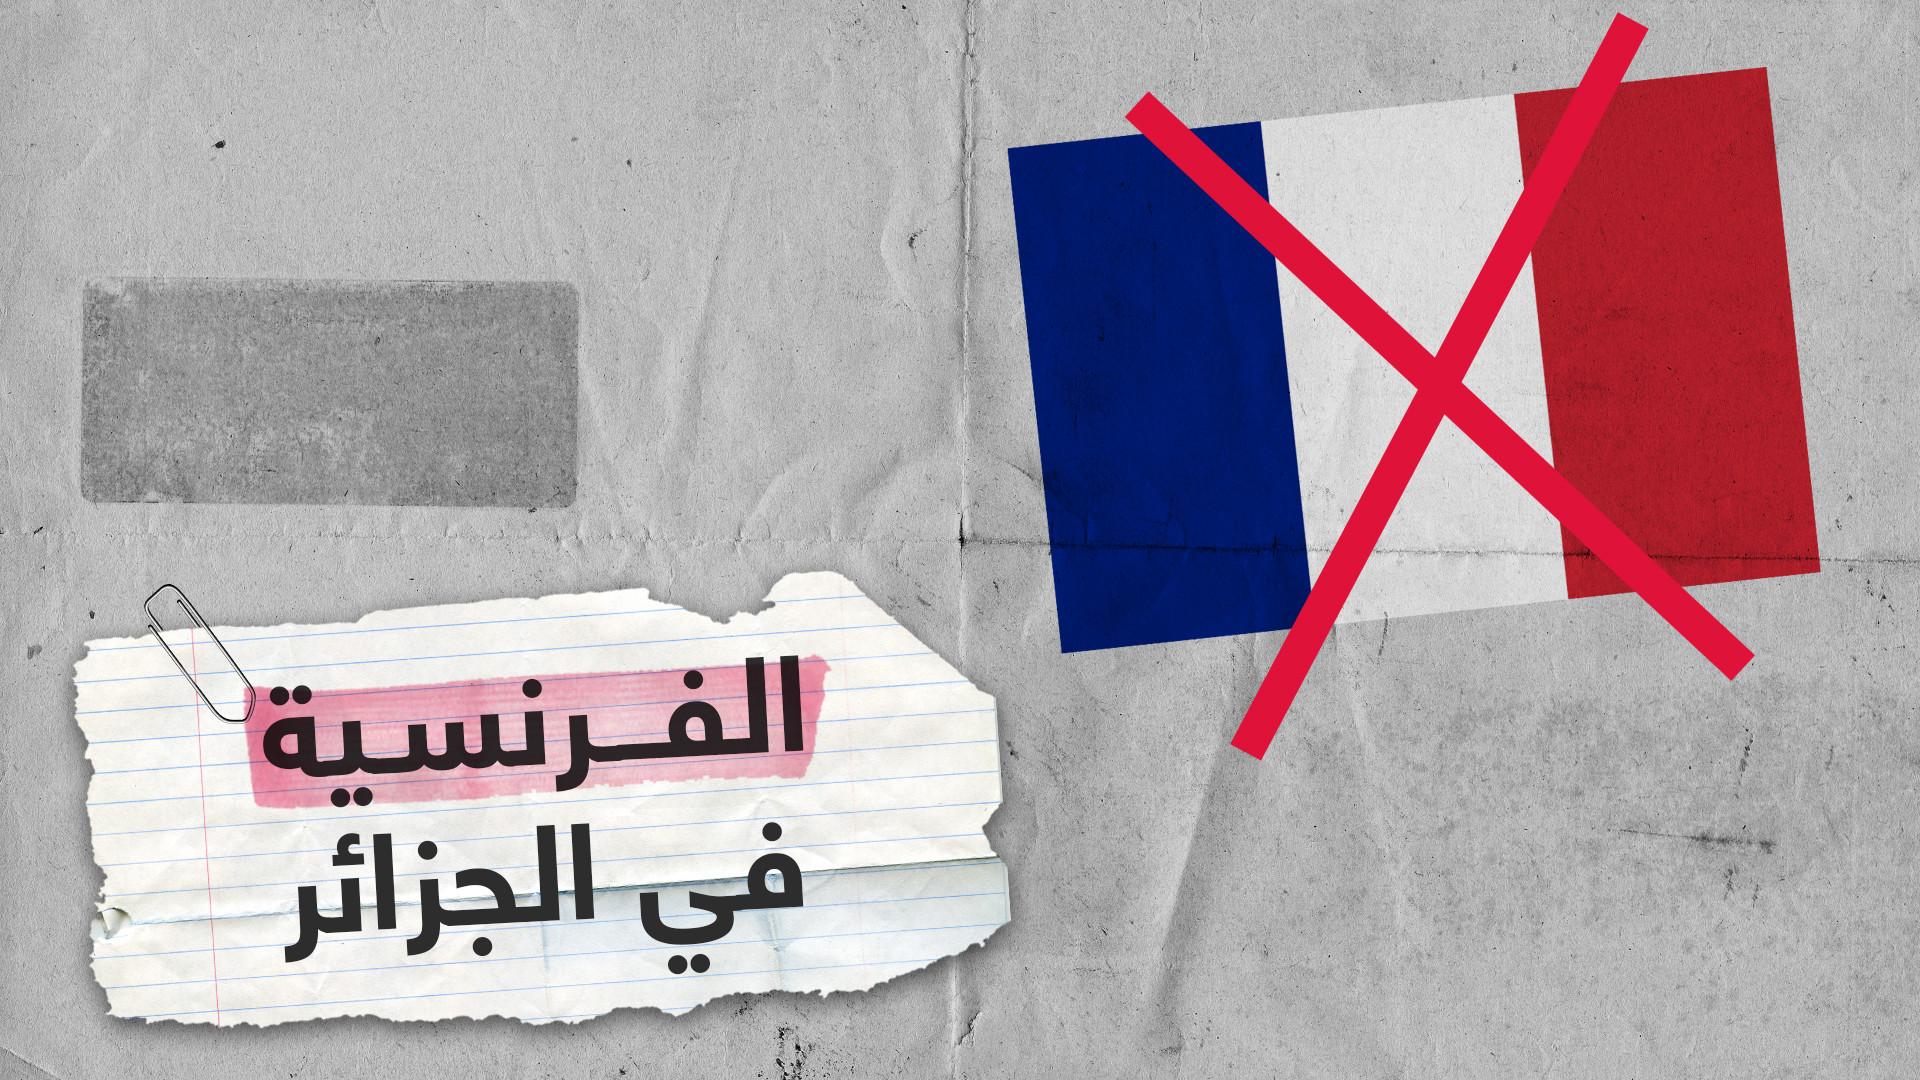 خلال أسبوع.. لافتات المحال في الجزائر لا بد أن تكون بالعربية